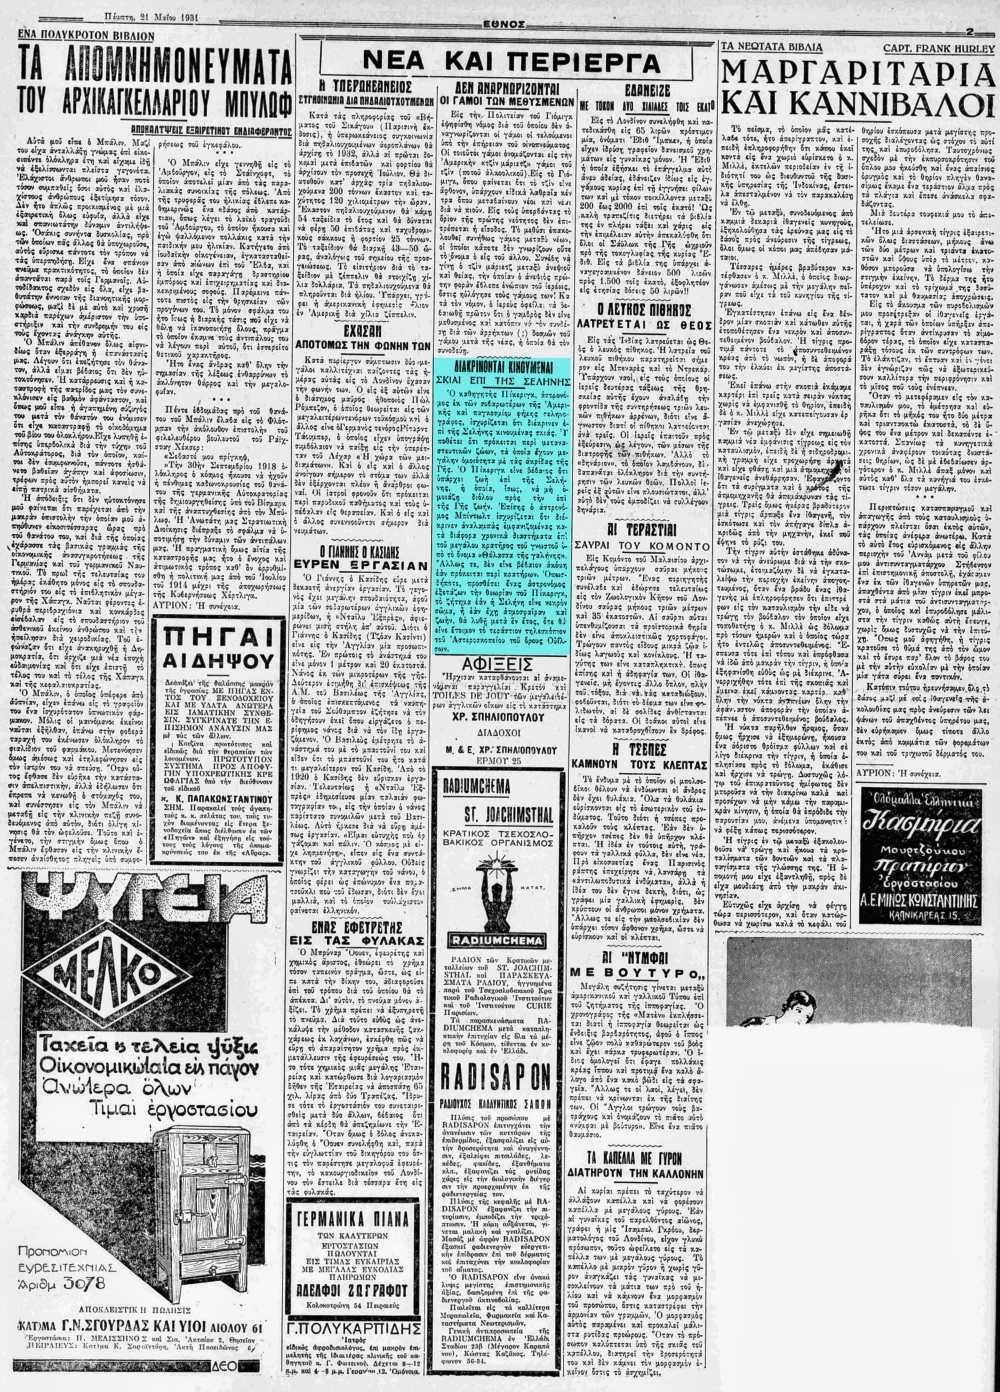 """Το άρθρο, όπως δημοσιεύθηκε στην εφημερίδα """"ΕΘΝΟΣ"""", στις 21/05/1931"""